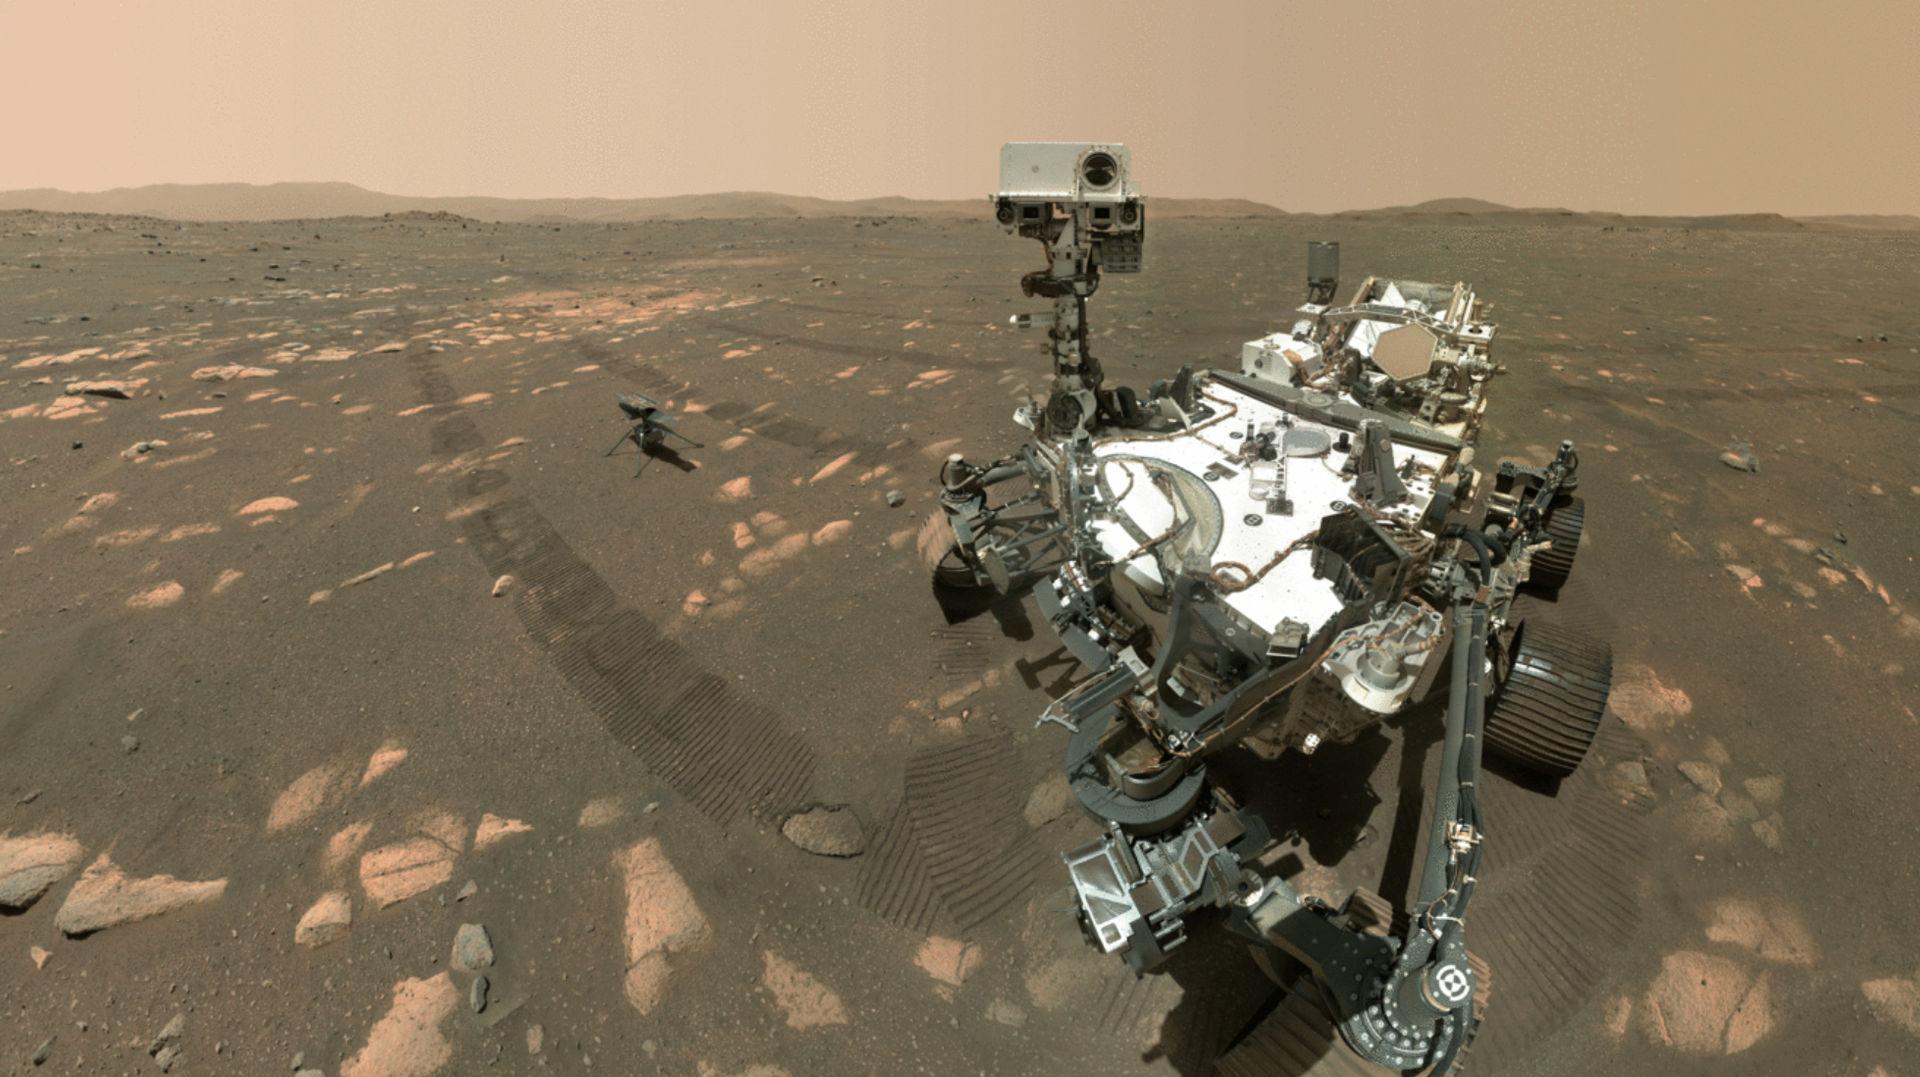 Kolla in första gruppfotot från Mars!